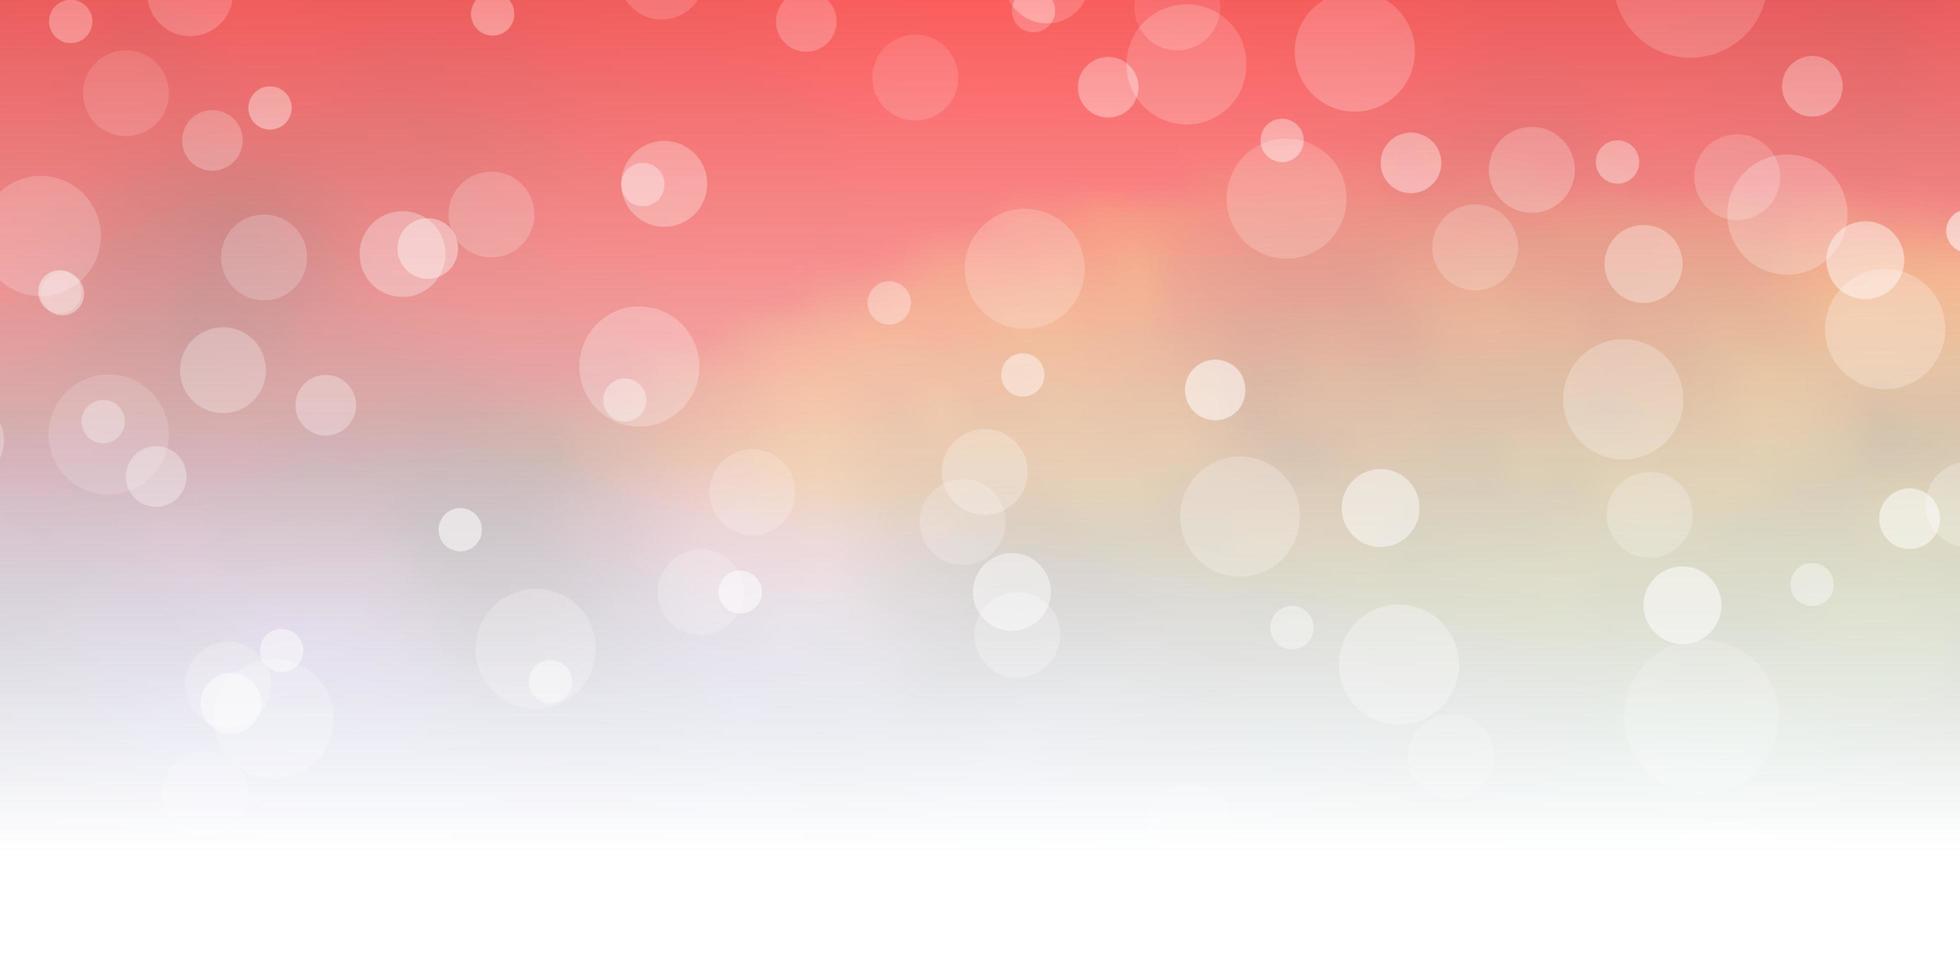 dunkelroter, gelber Vektorhintergrund mit Kreisen. vektor